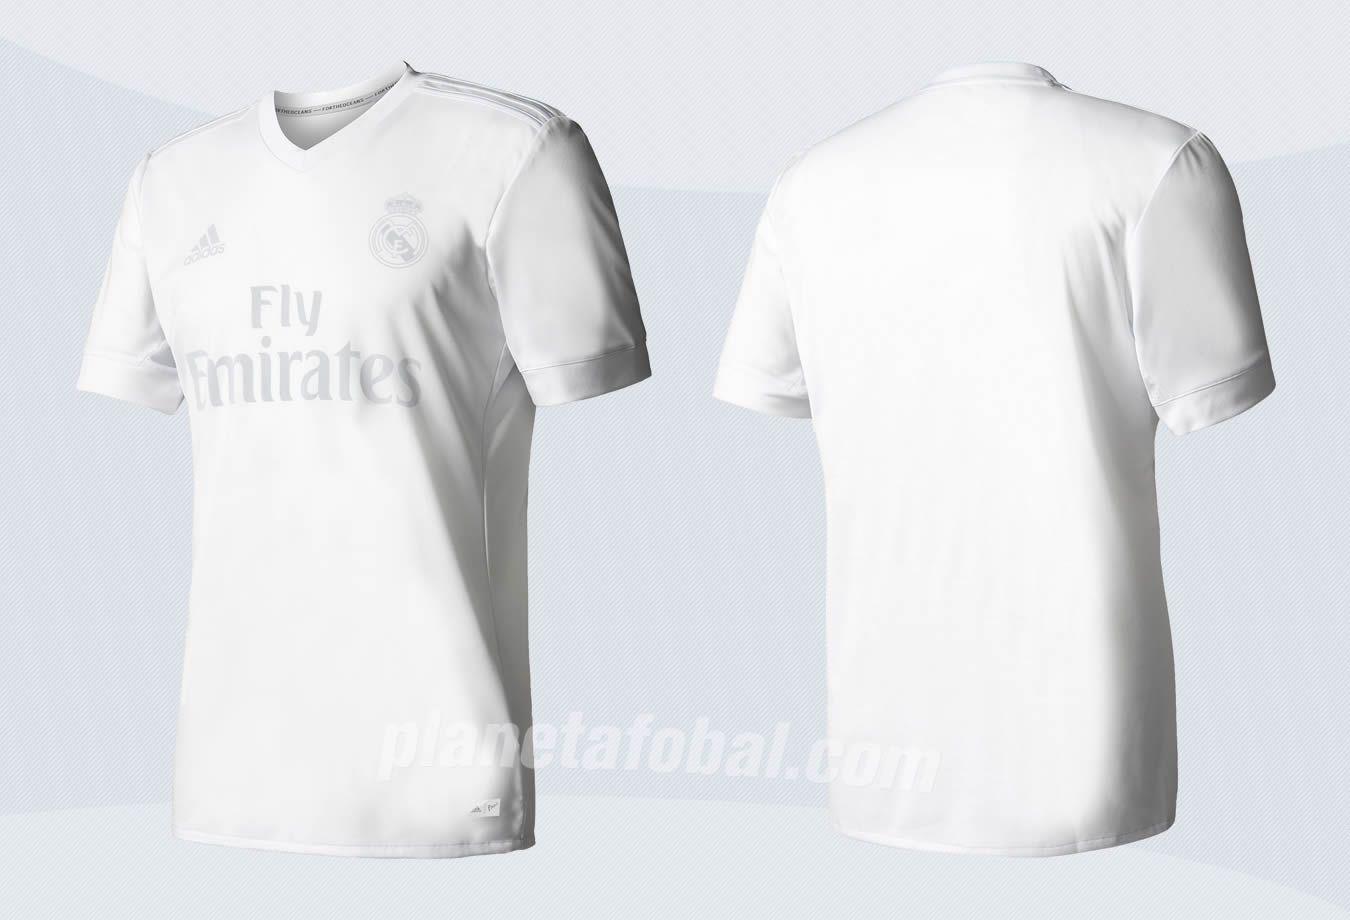 Equipación especial del Real Madrid | Imágenes Tienda Oficial